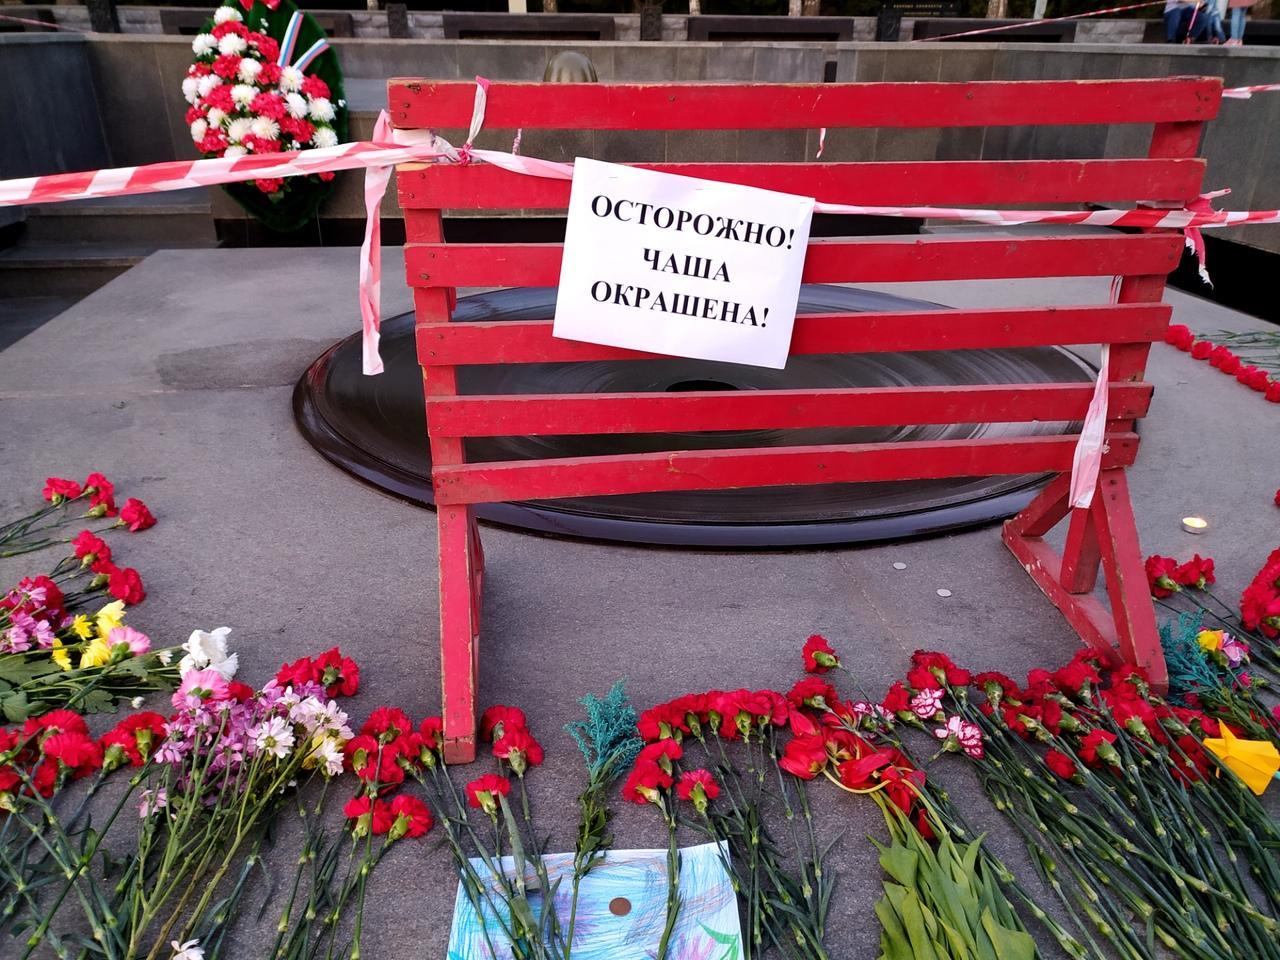 Фото В Новосибирске накануне Дня Победы погасили Вечный огонь 2